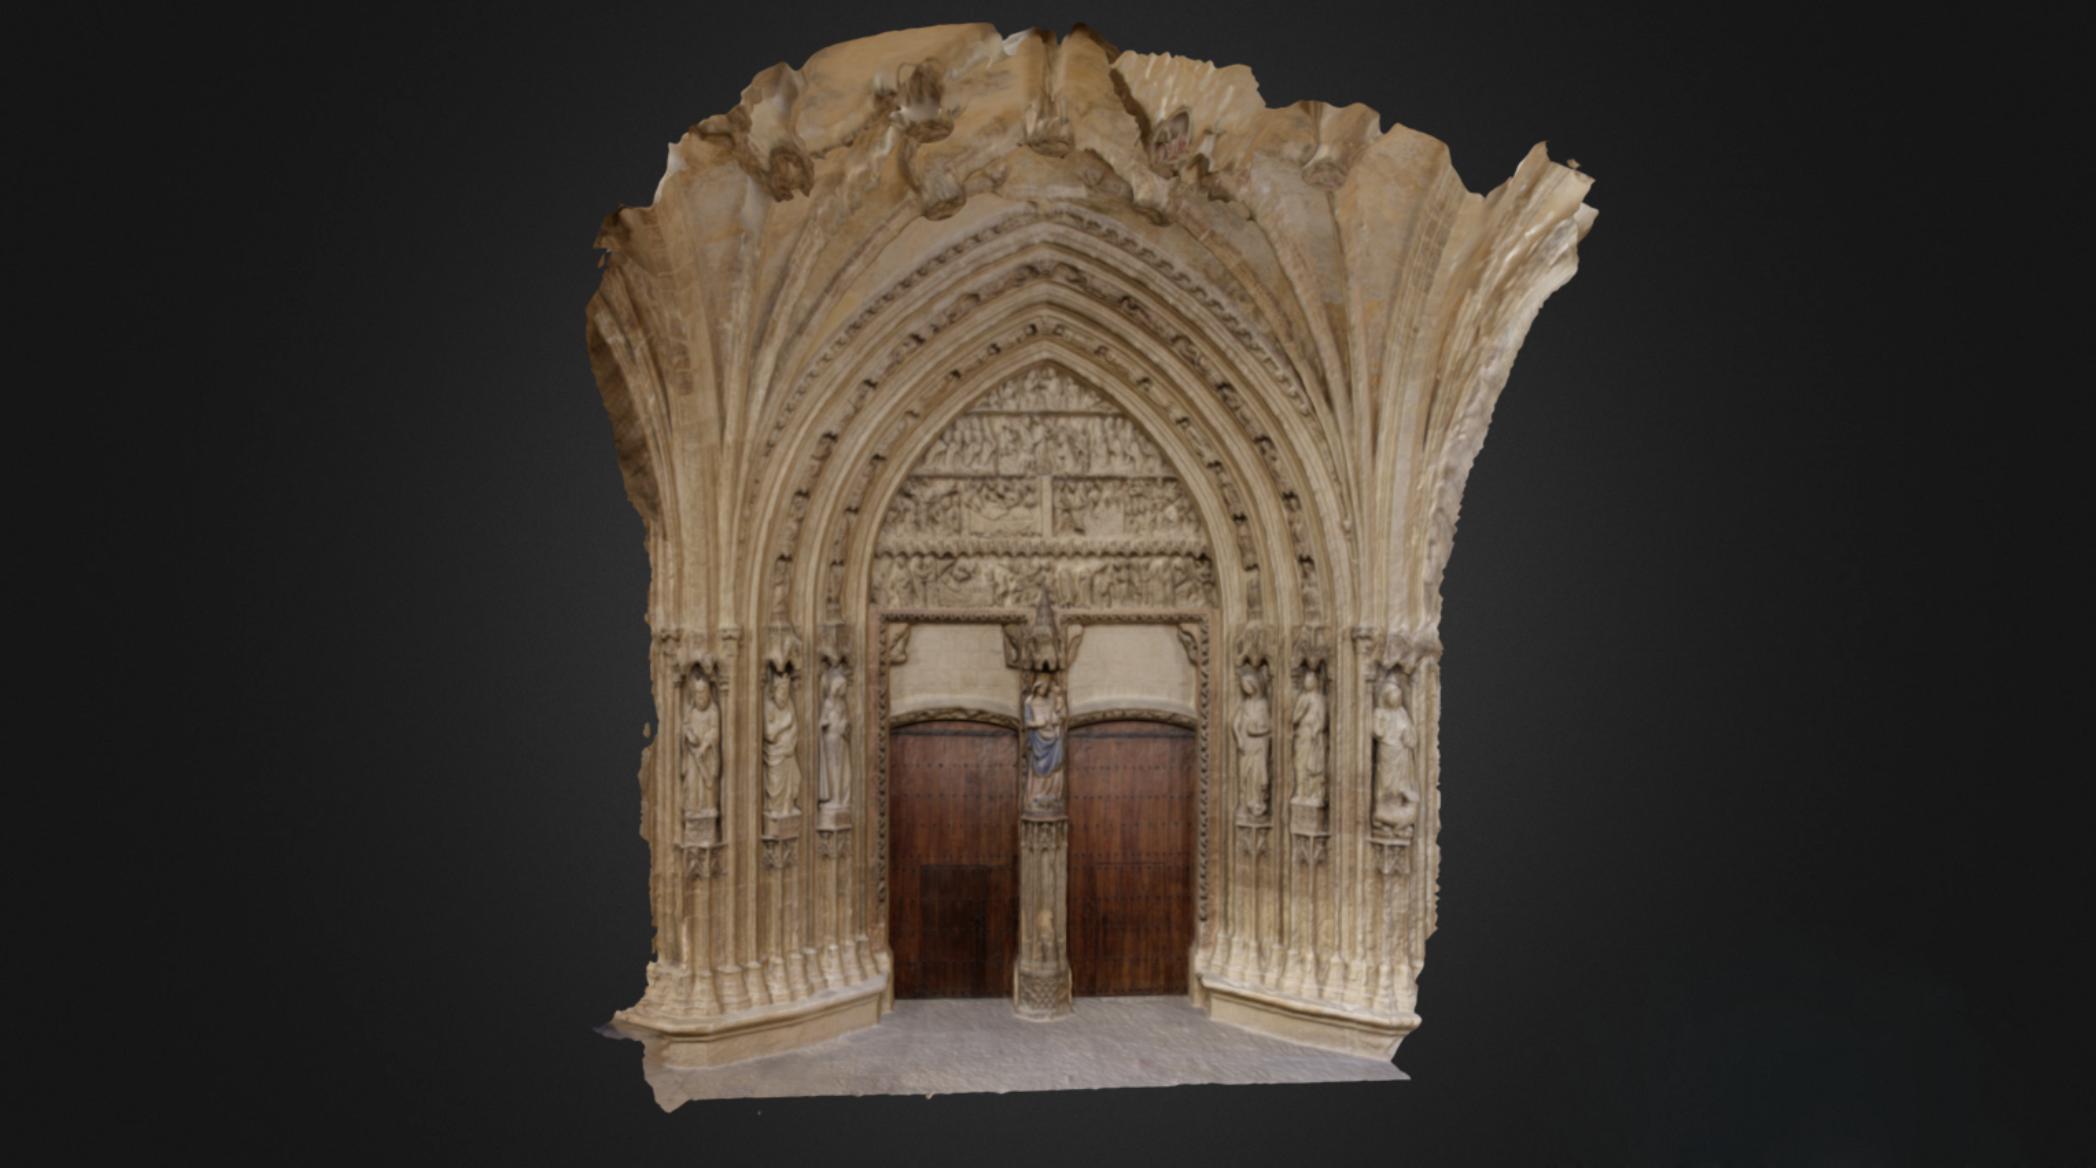 Portada Central (Vida de la Virgen), Catedral de Santa María de Vitoria